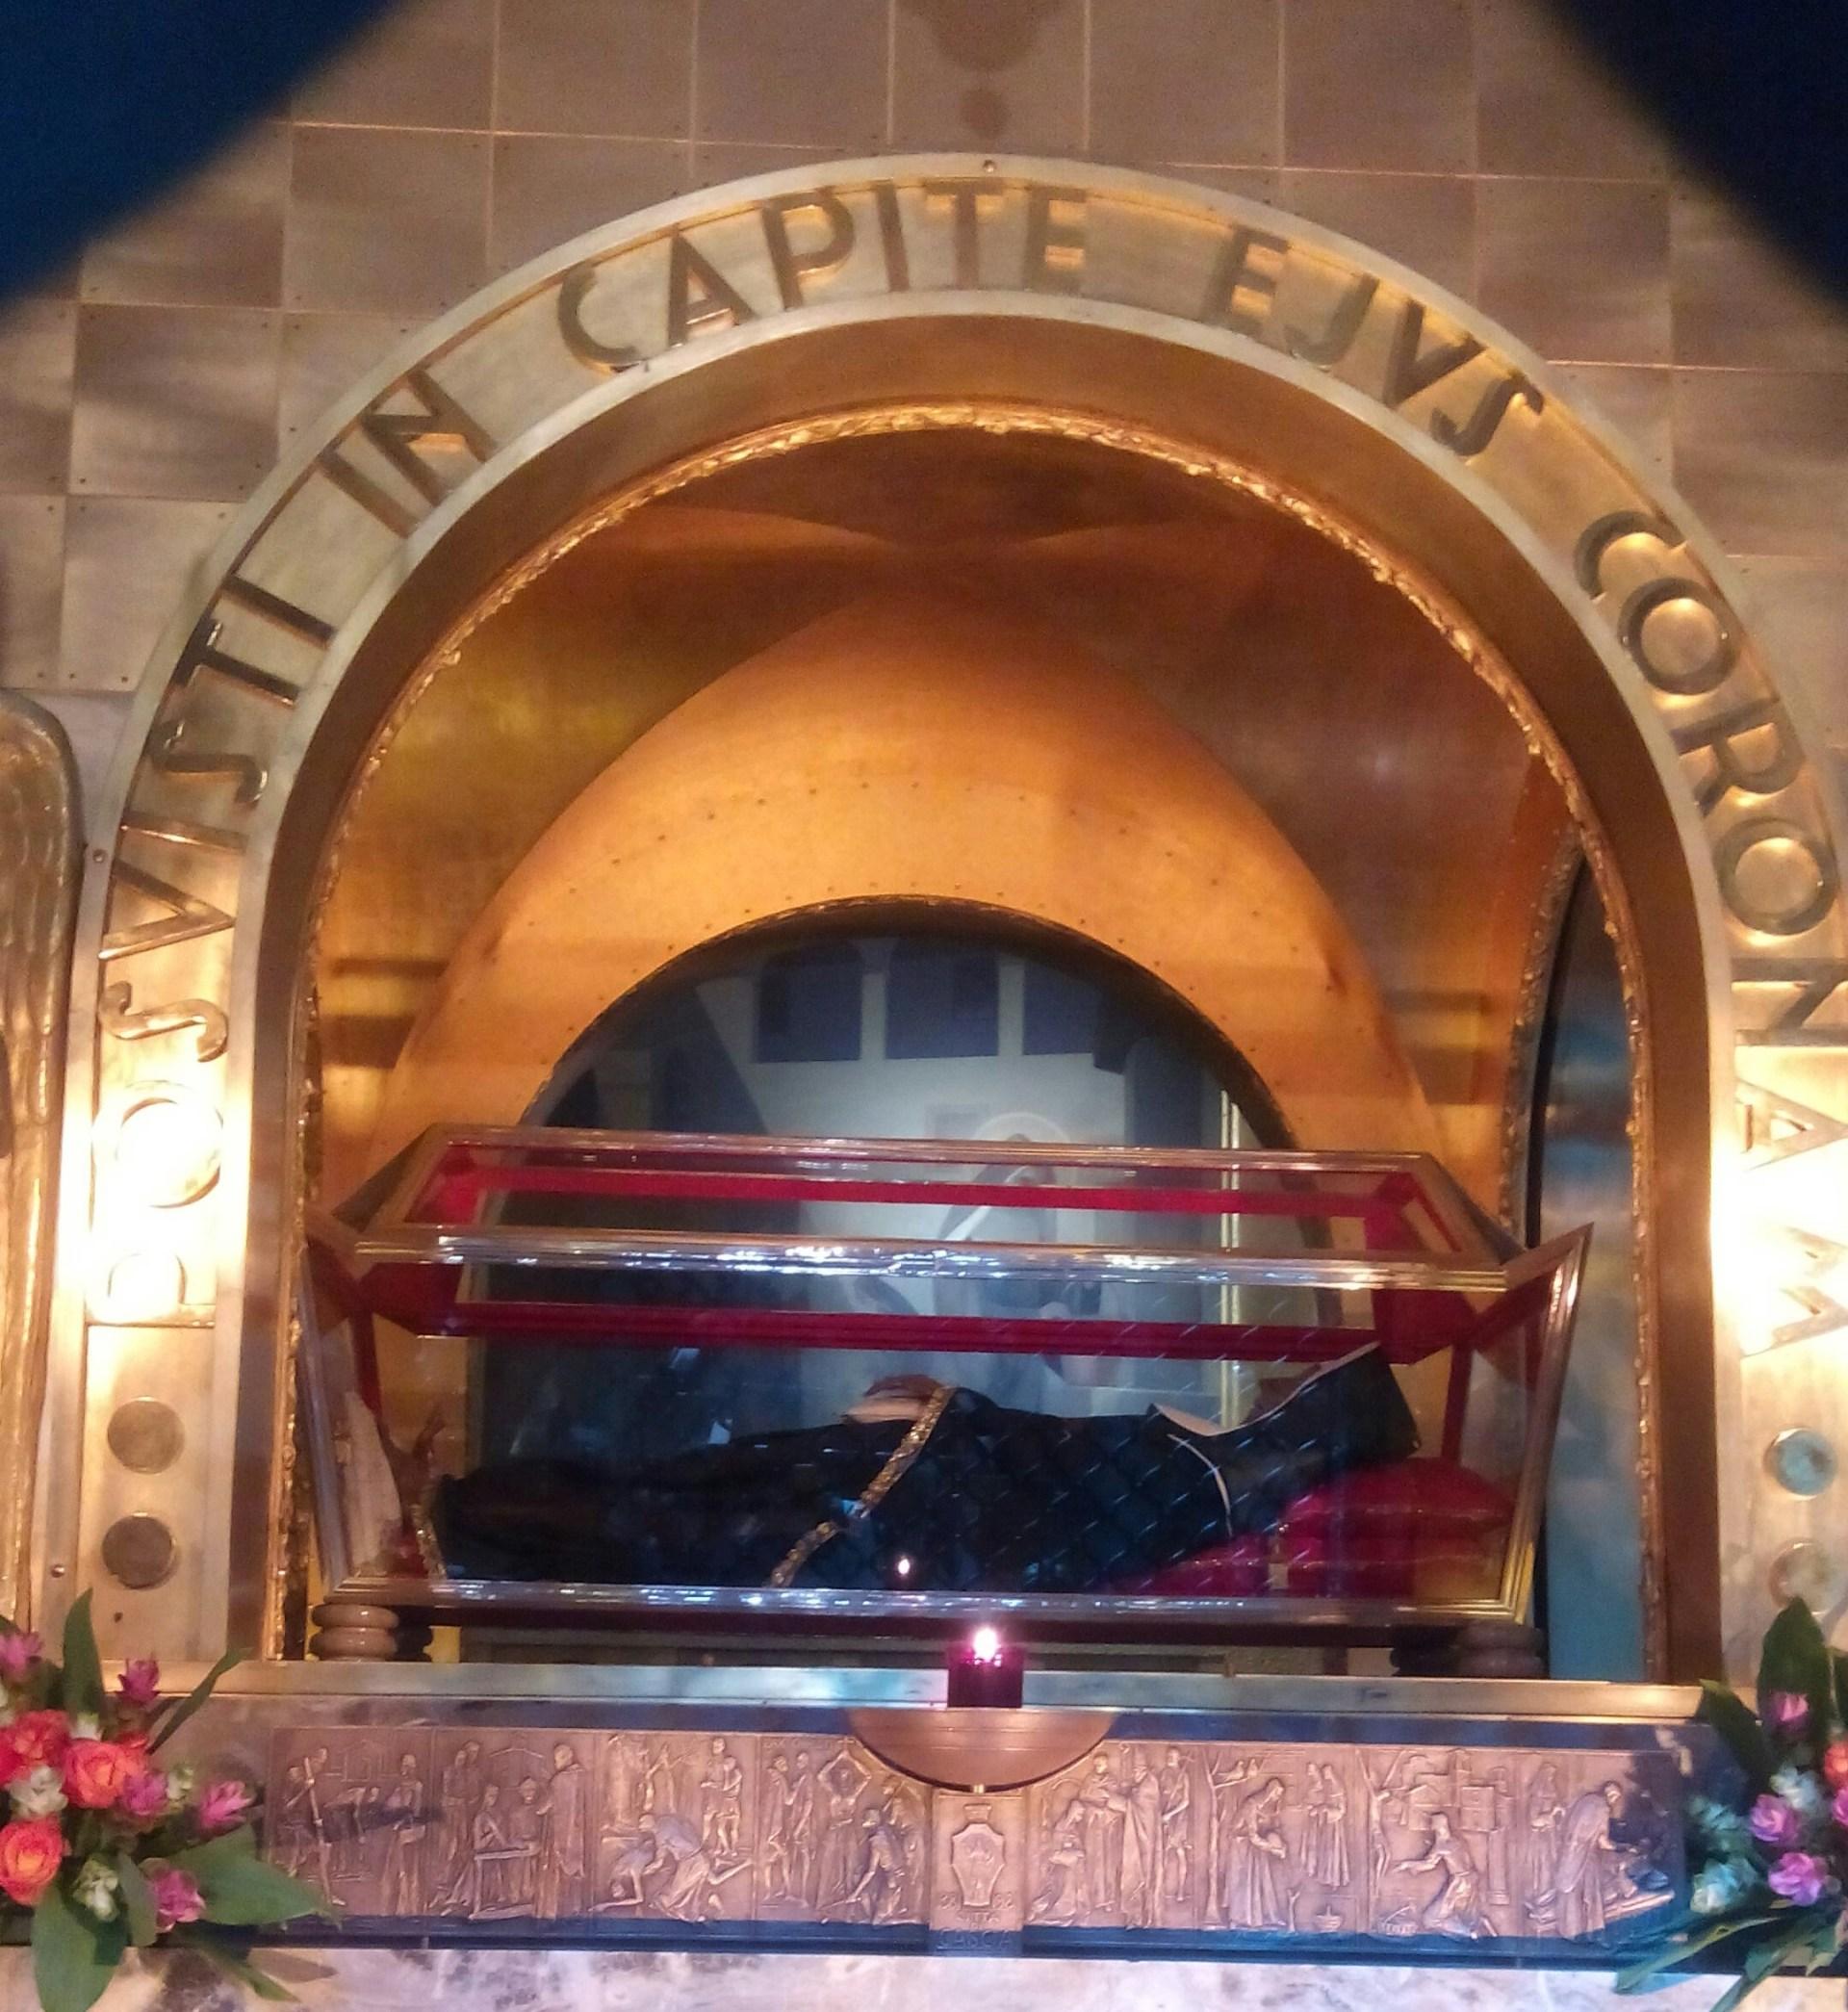 ST RITA OF CASCIA;INCORRUPT BODY